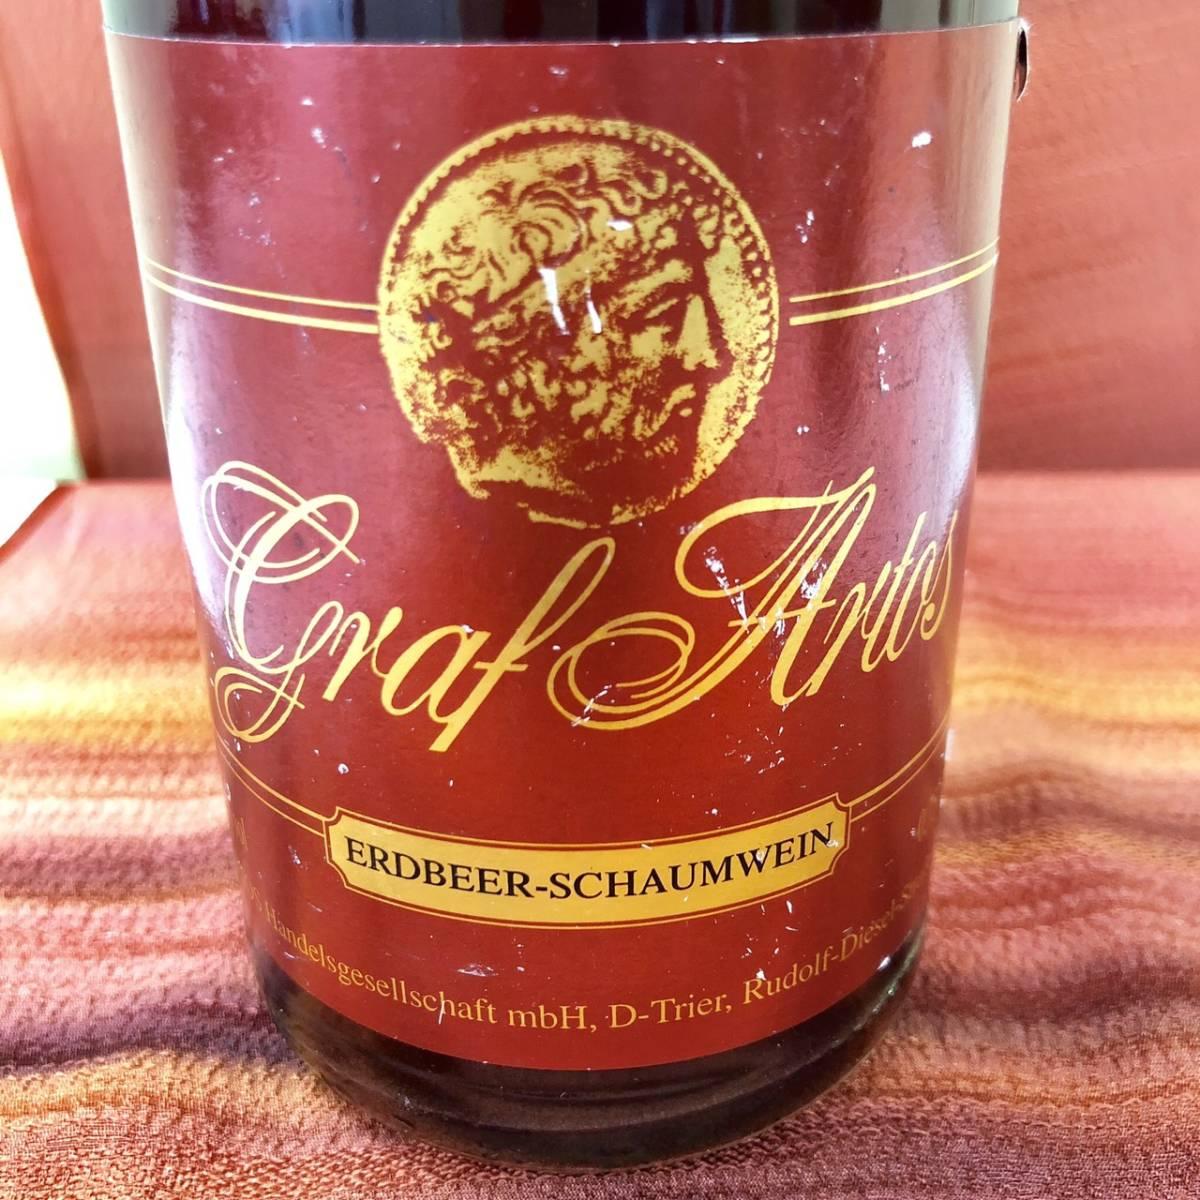 【2456】スパークリング ワイン ◆KENWOOD & エルドベーア・シャウムヴァイン ◆ ストロベリー イチゴ 2本セット 750ml 古酒 アルコール_画像2